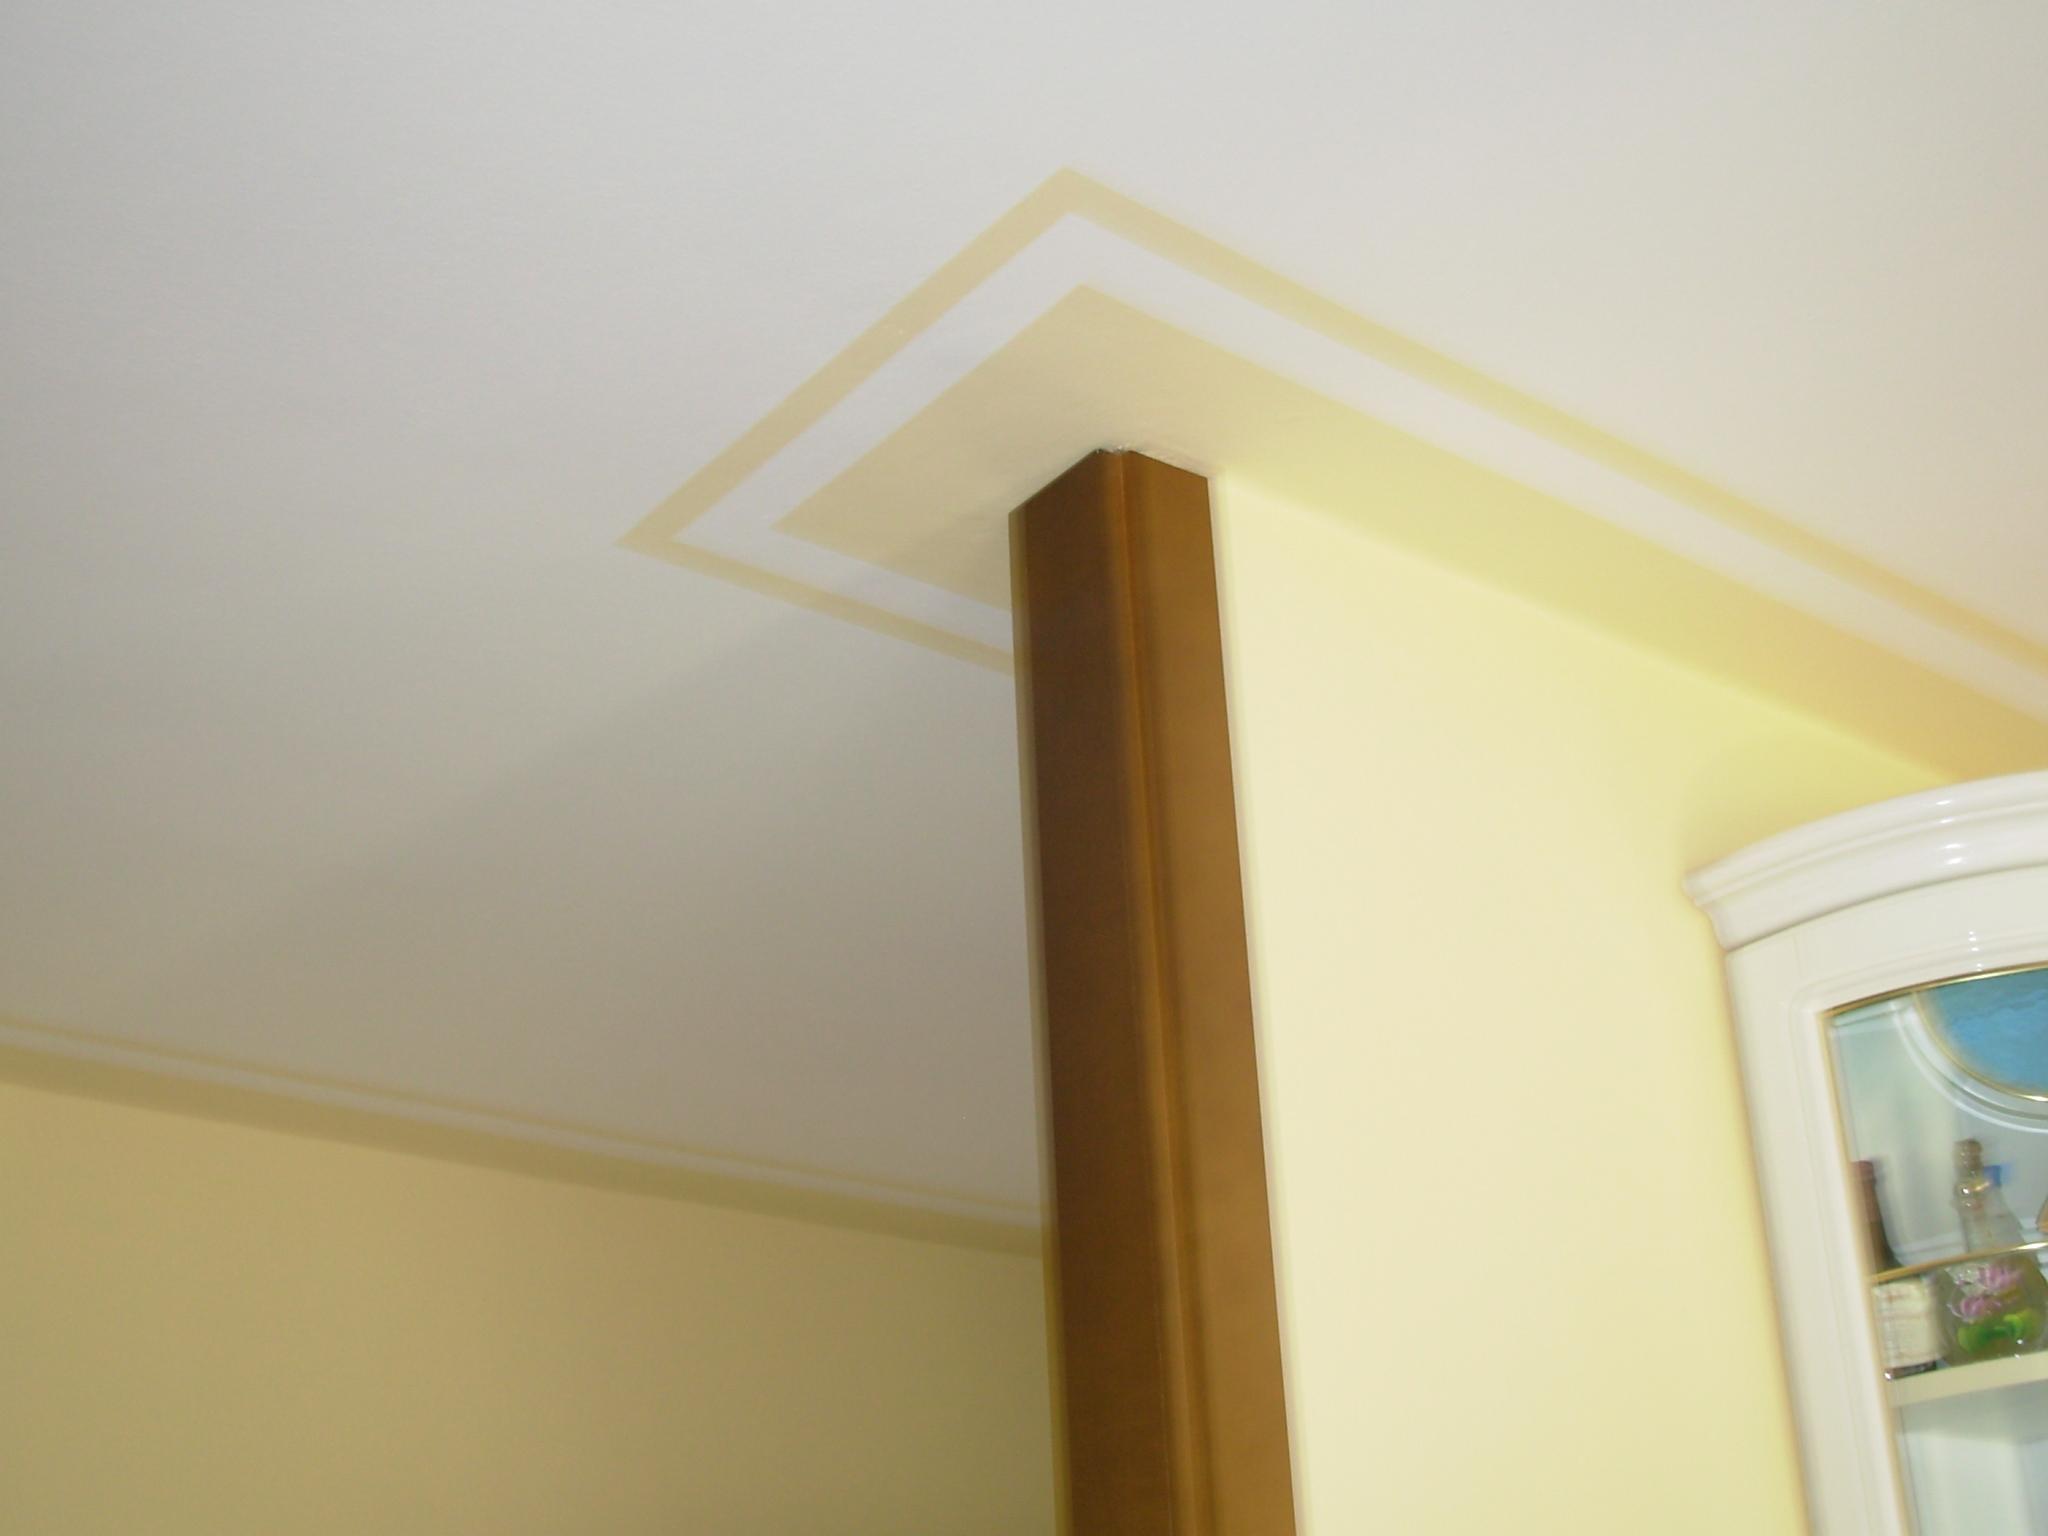 Casarella pitture per interni padova - Pittura per interni moderne ...